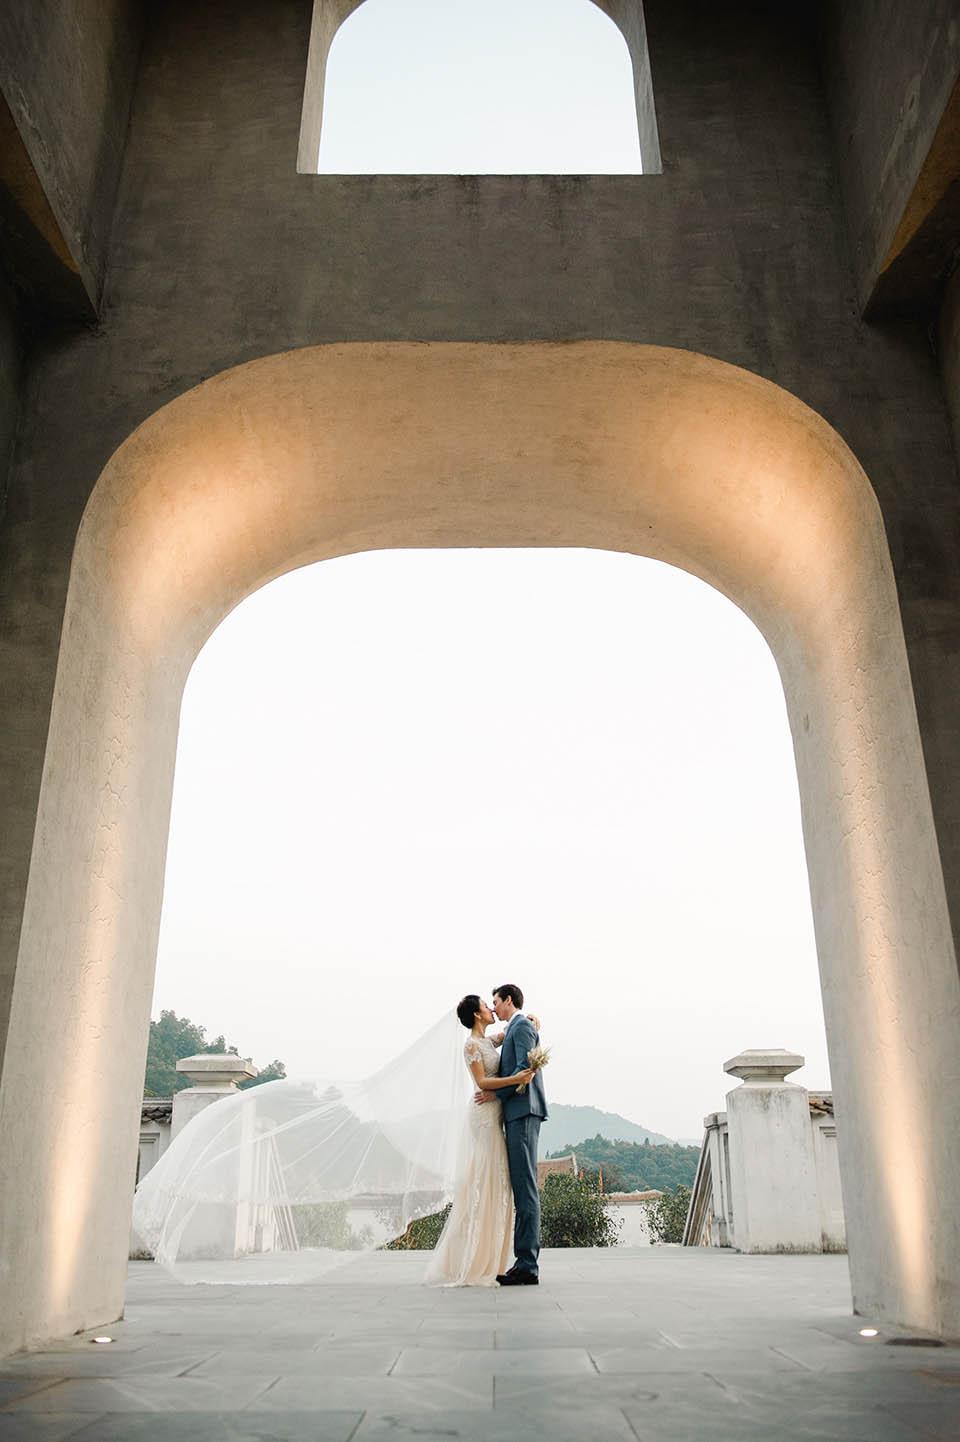 Hoàng Oanh tung ảnh cưới lãng mạn bên chồng Tây - 6